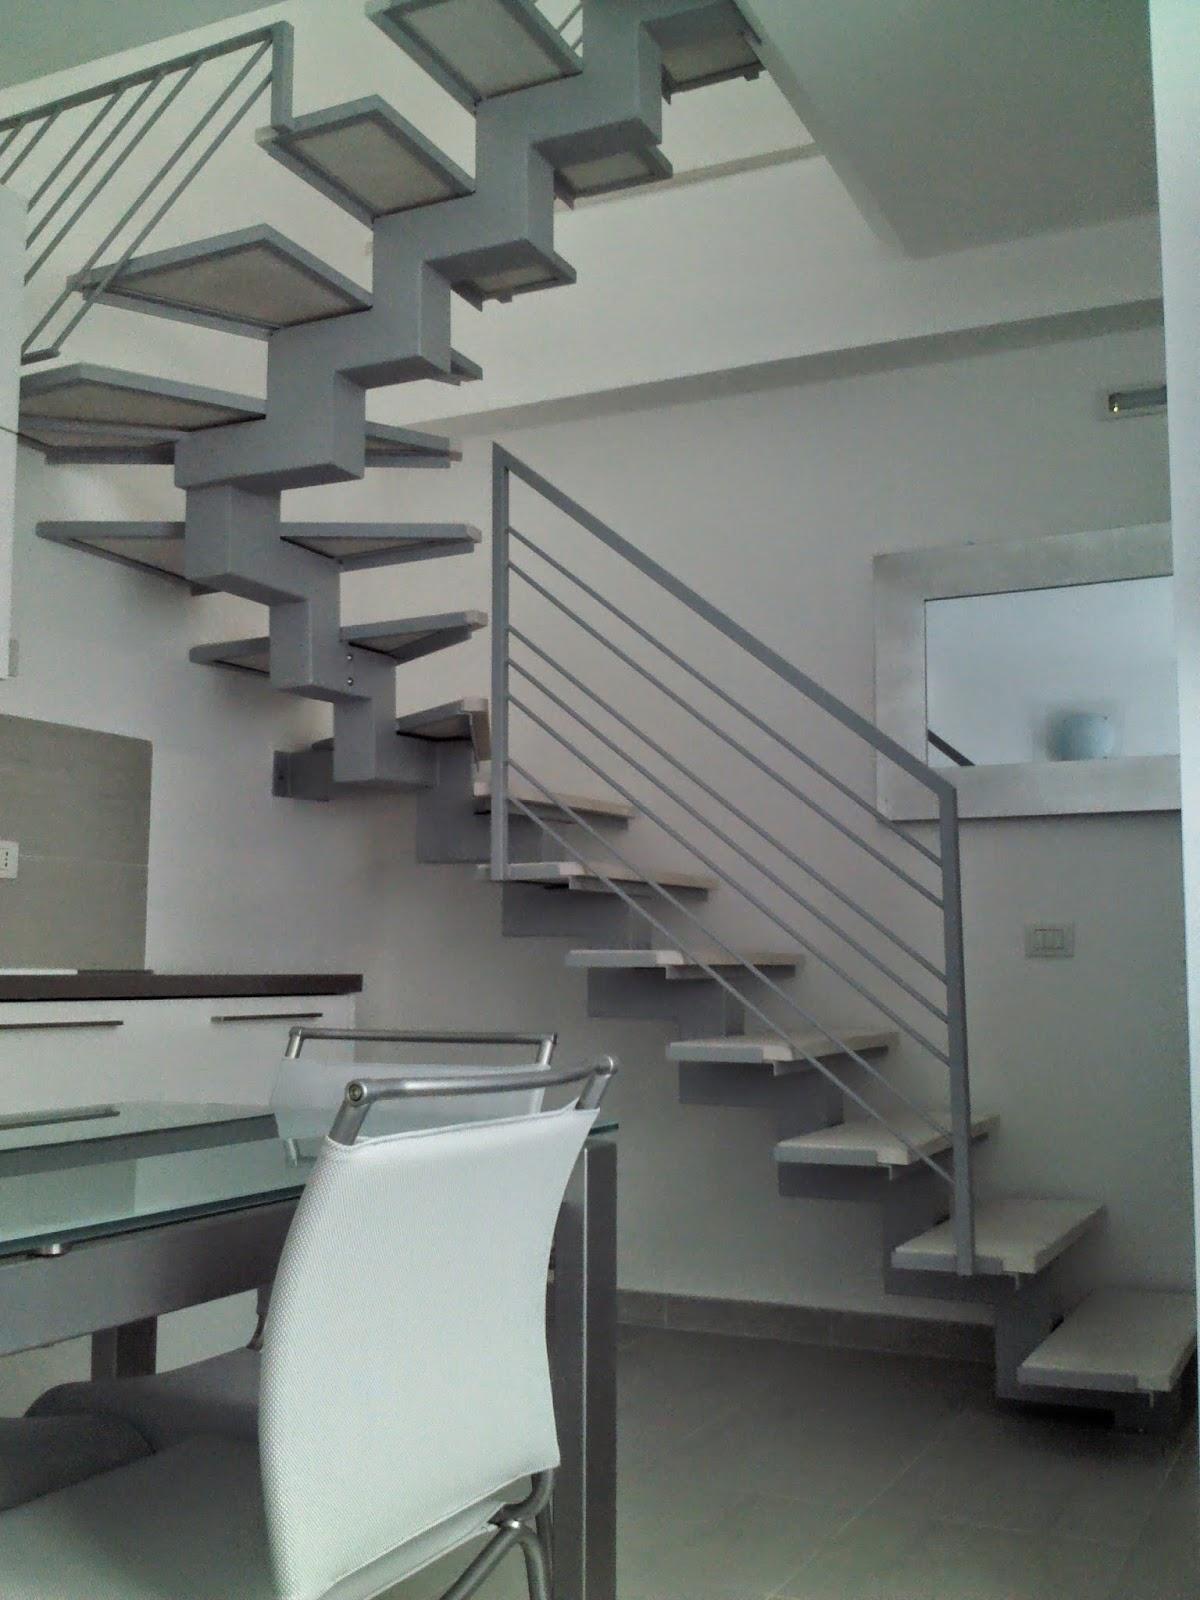 Progetto ferro di roberto benvenuti scala d 39 arredo in ferro per interni - Scale d arredo per interni ...